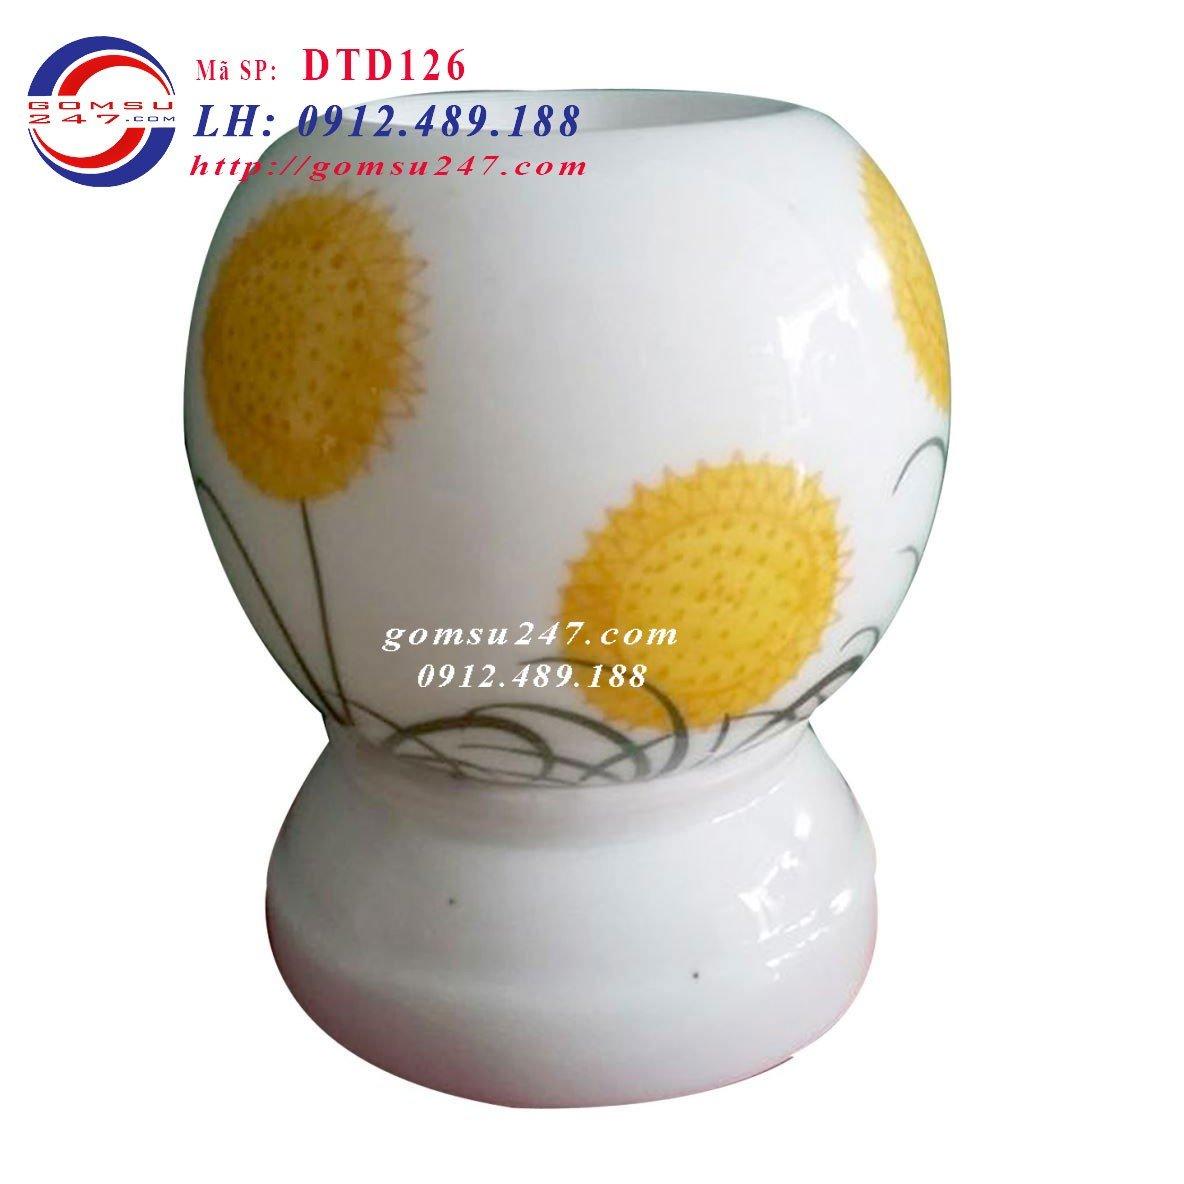 Địa chỉ bán đèn xông hương tinh dầu - Đèn xông tinh dầu vẽ hoa